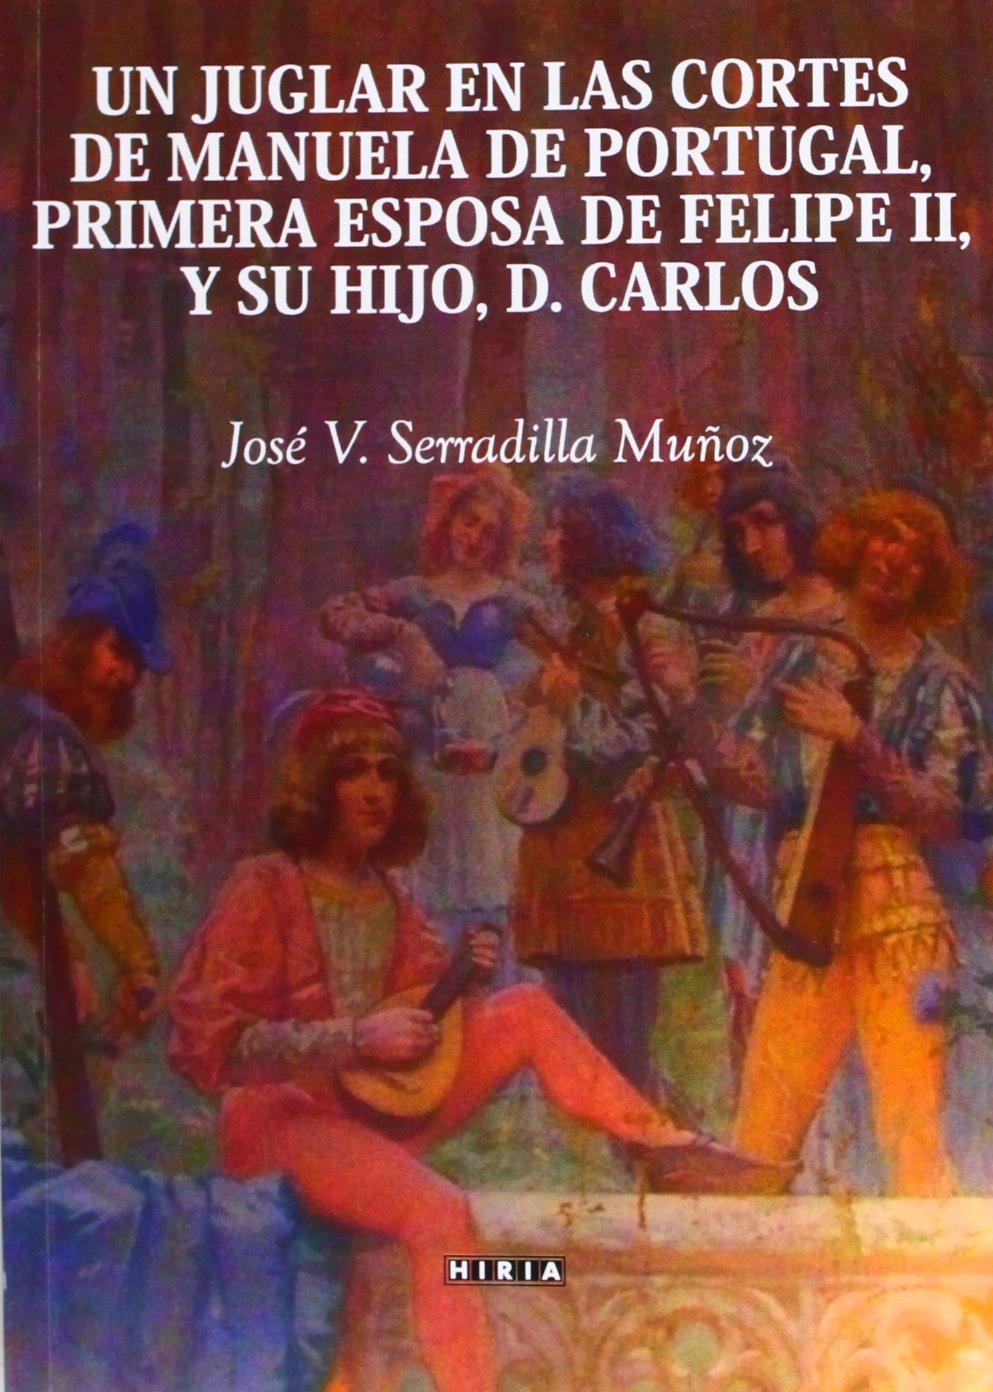 Un juglar en las Cortes de Manuela de Portugal, primera esposa de Felipe II, y su hijo, D. Carlos